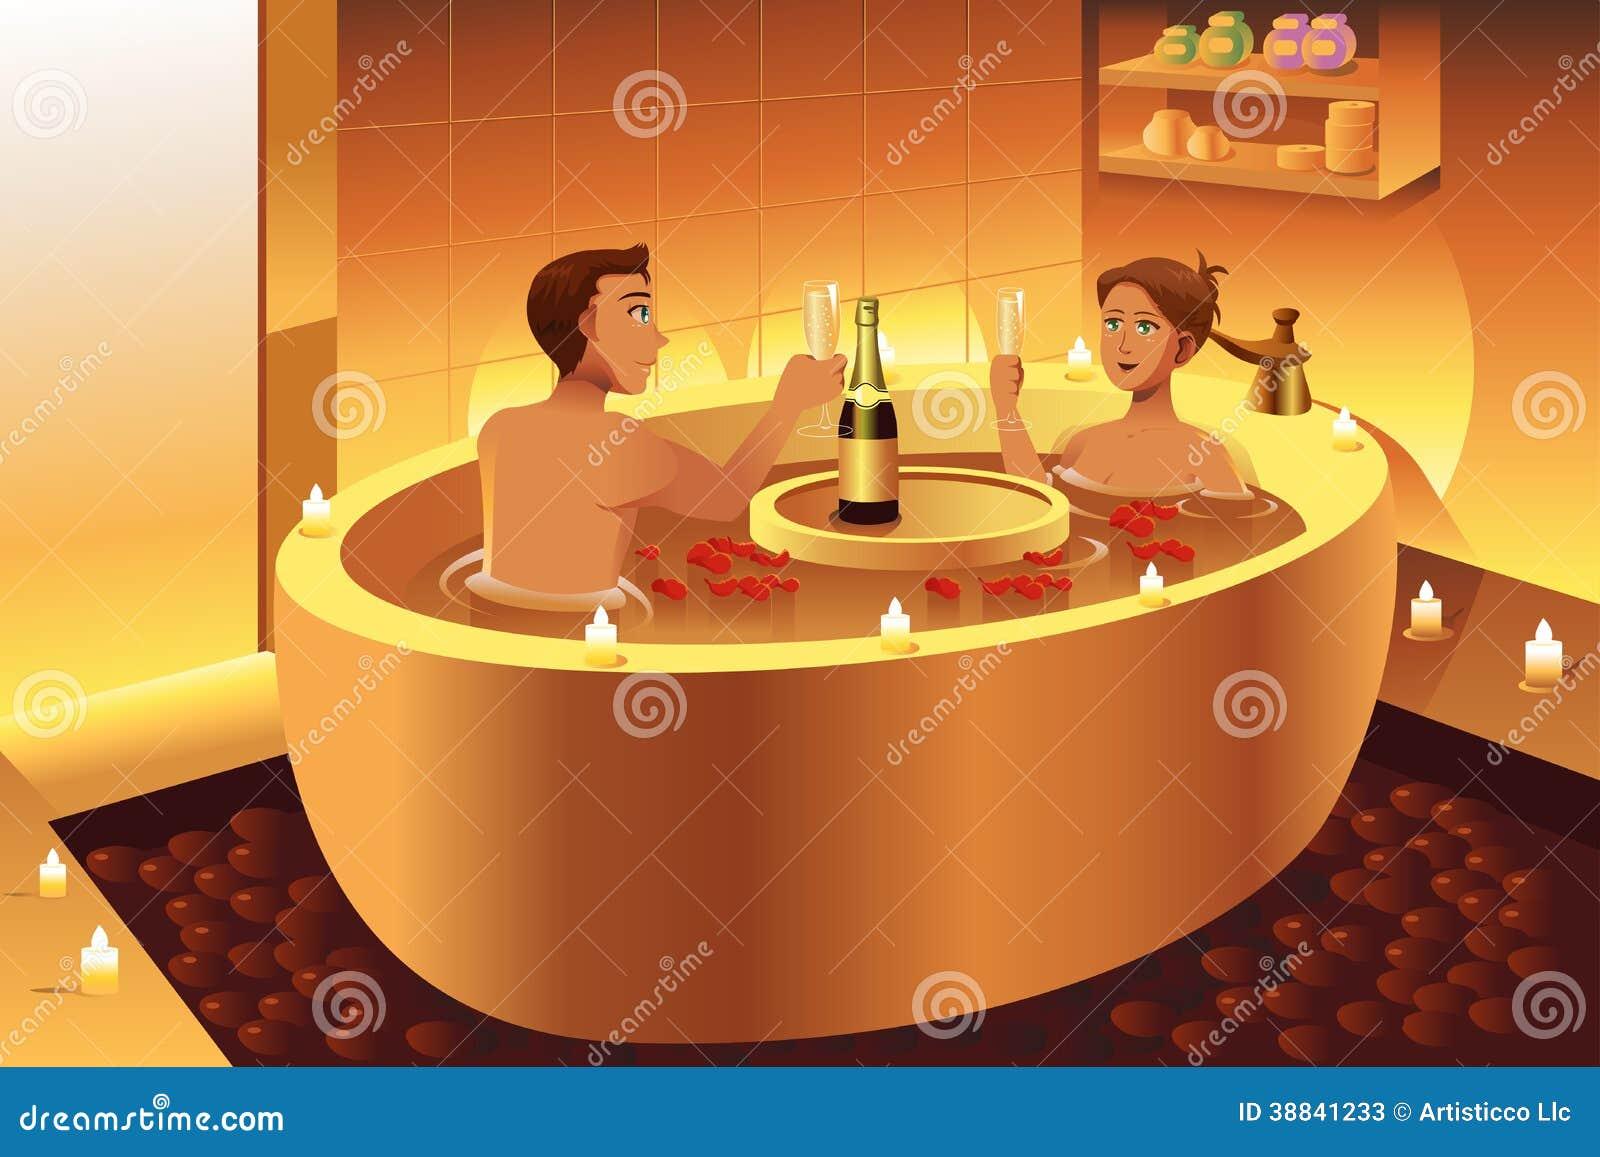 Bagno Romantico Foto : Coppie che godono di un bagno romantico illustrazione vettoriale